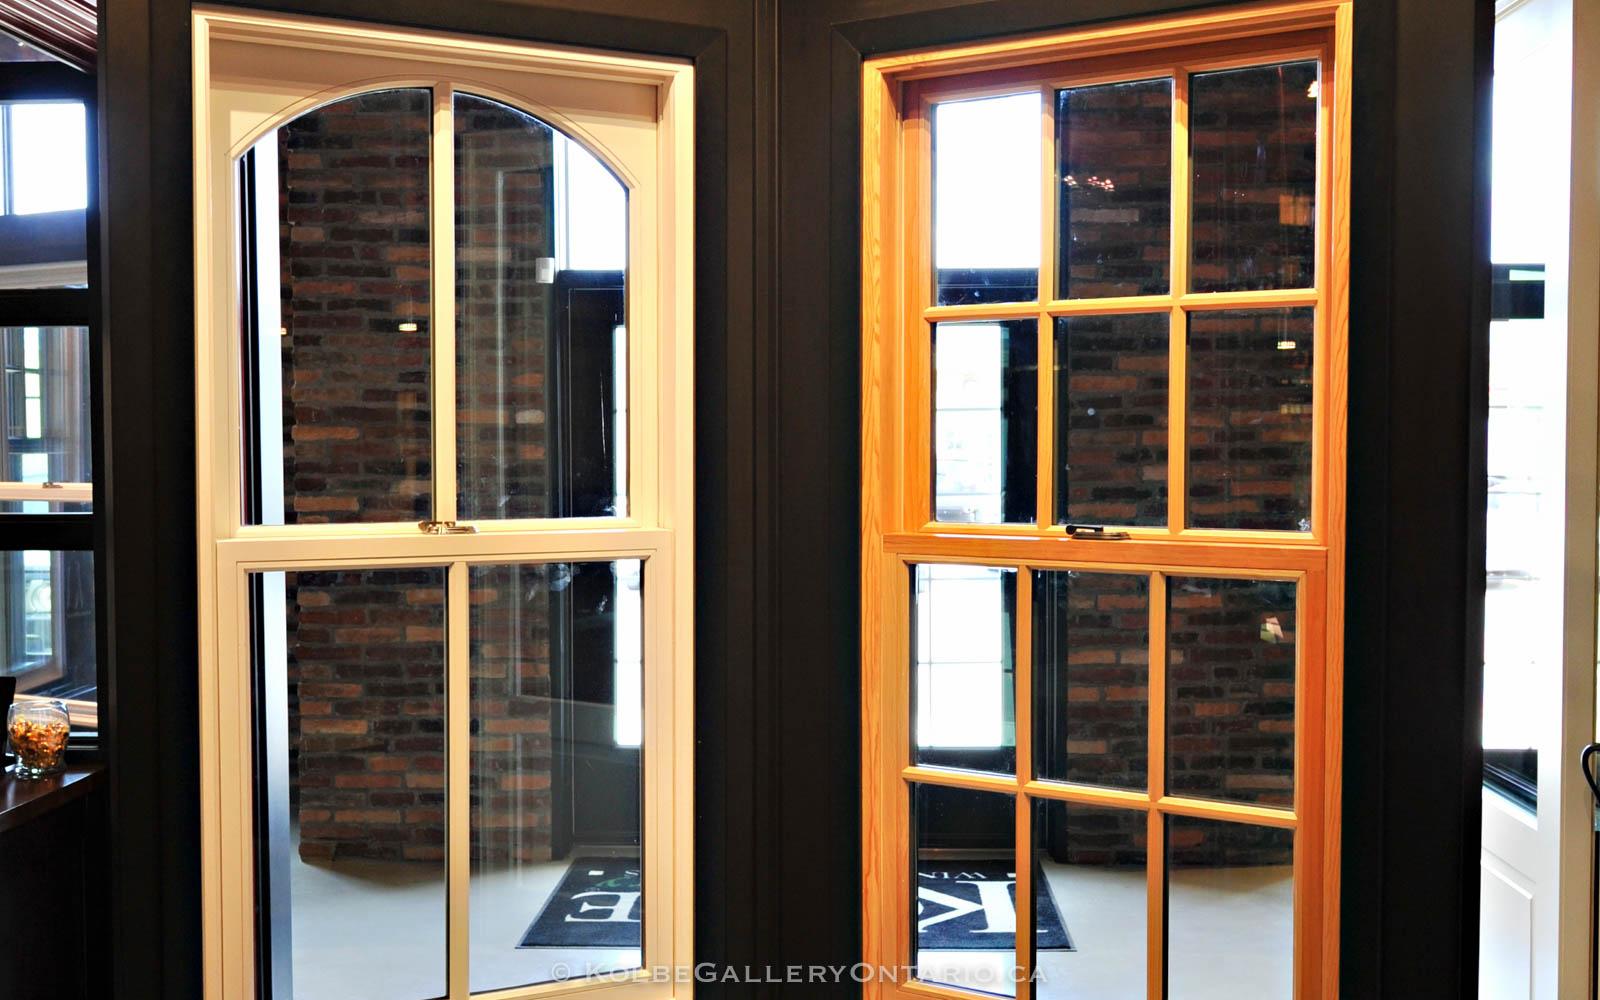 KolbeGalleryOntario.ca-windows-and-doors-Oakville-showroom-20120510-095907